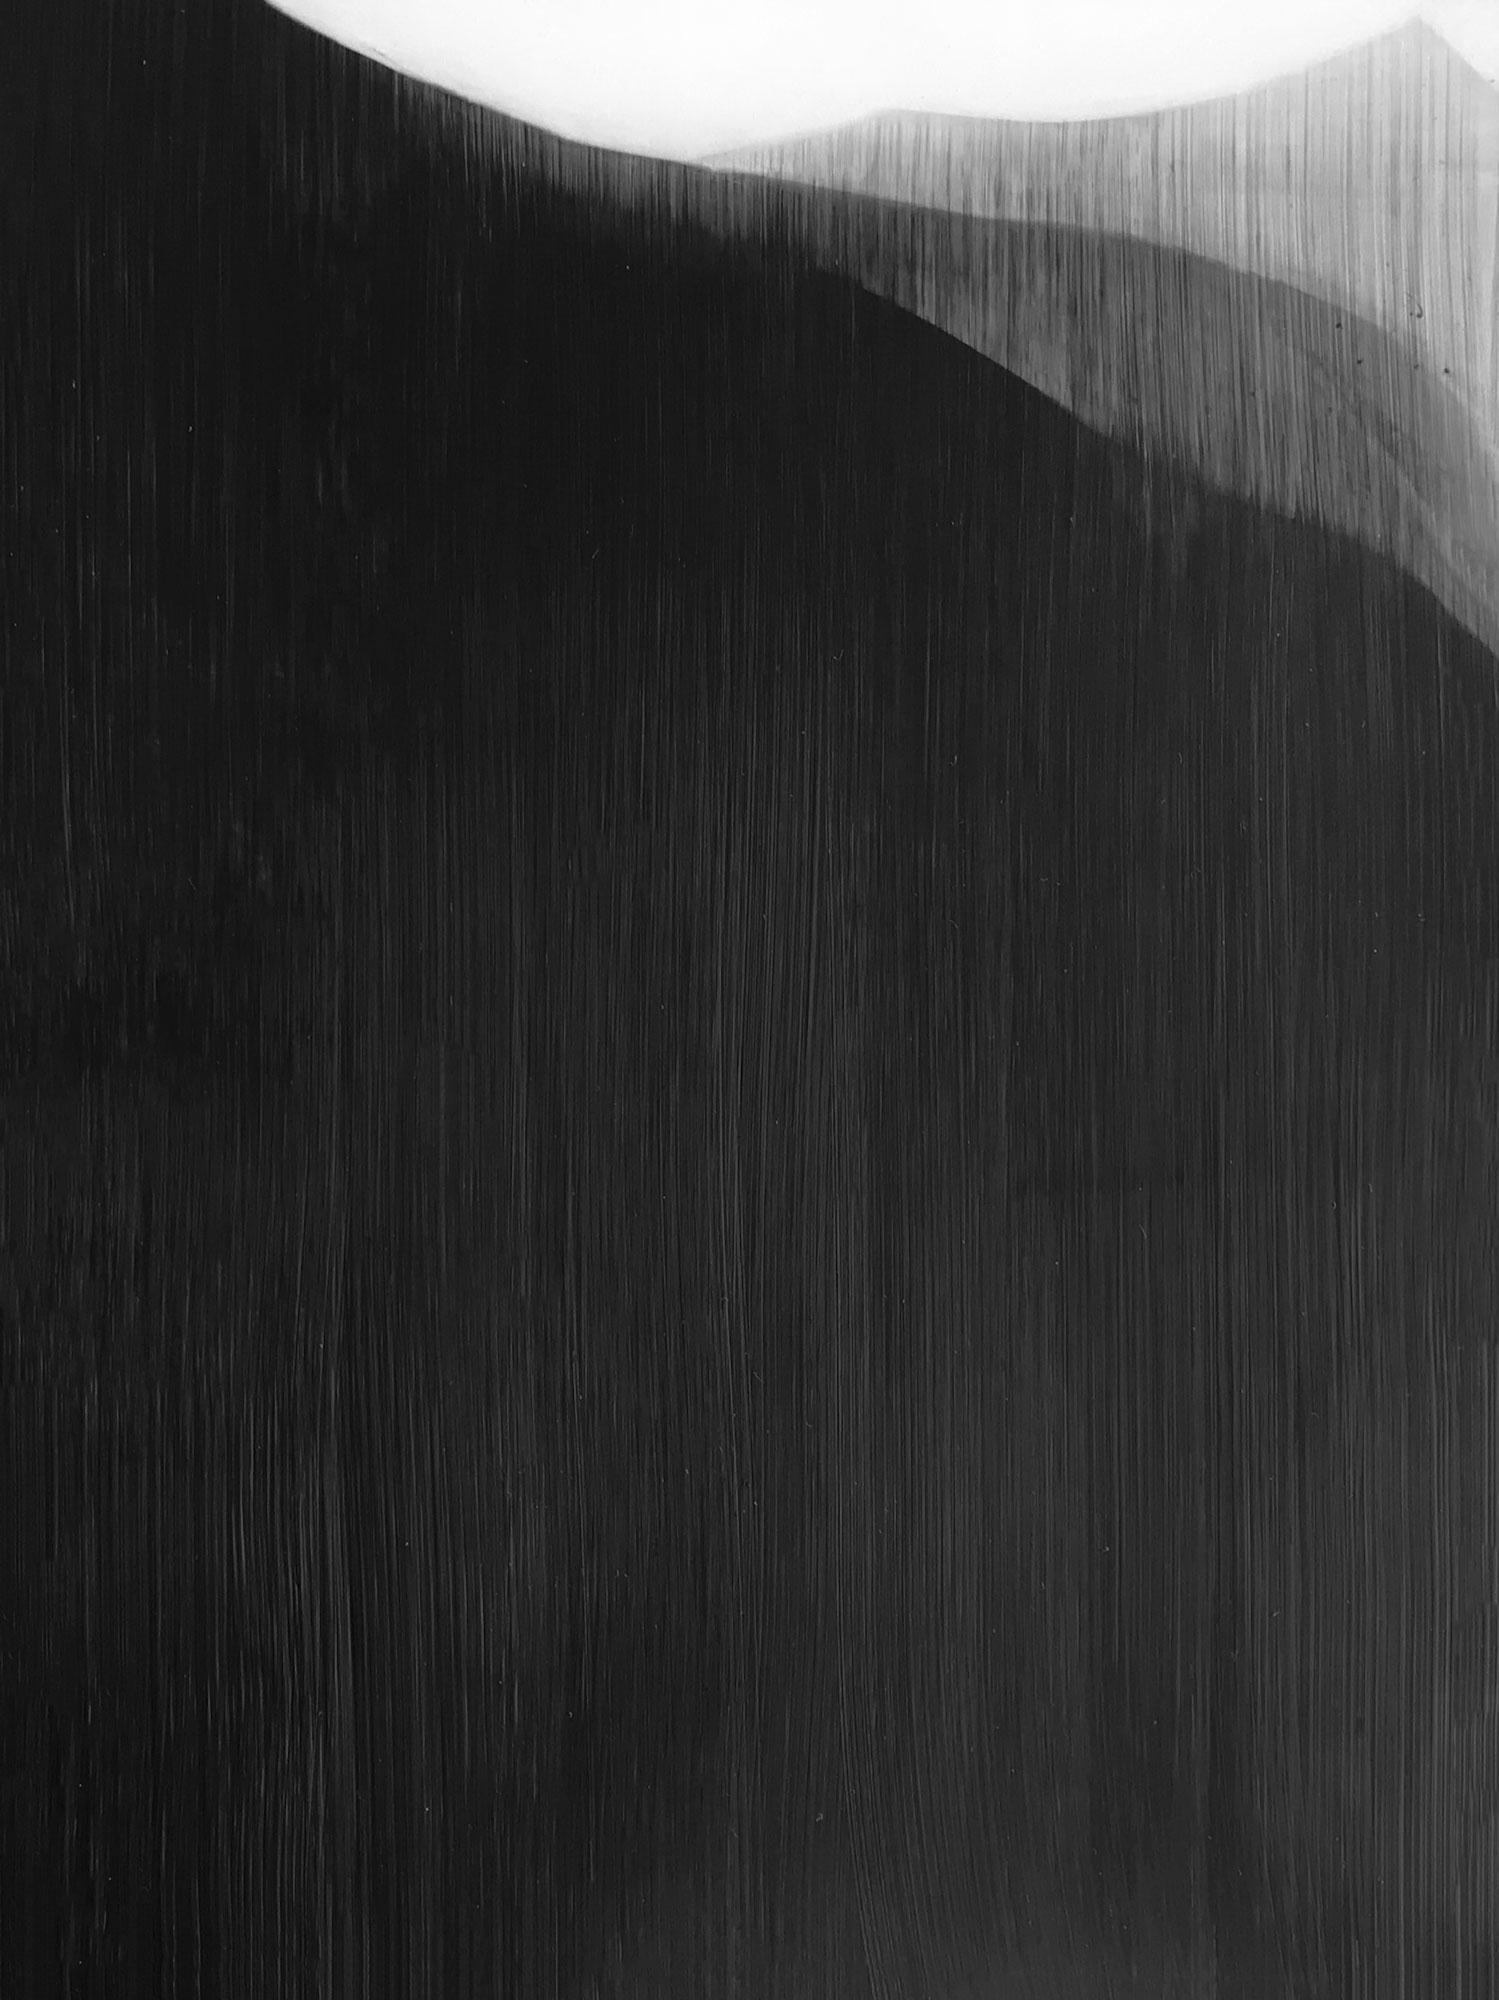 After the Rain: Castel Sant Elia 11.1